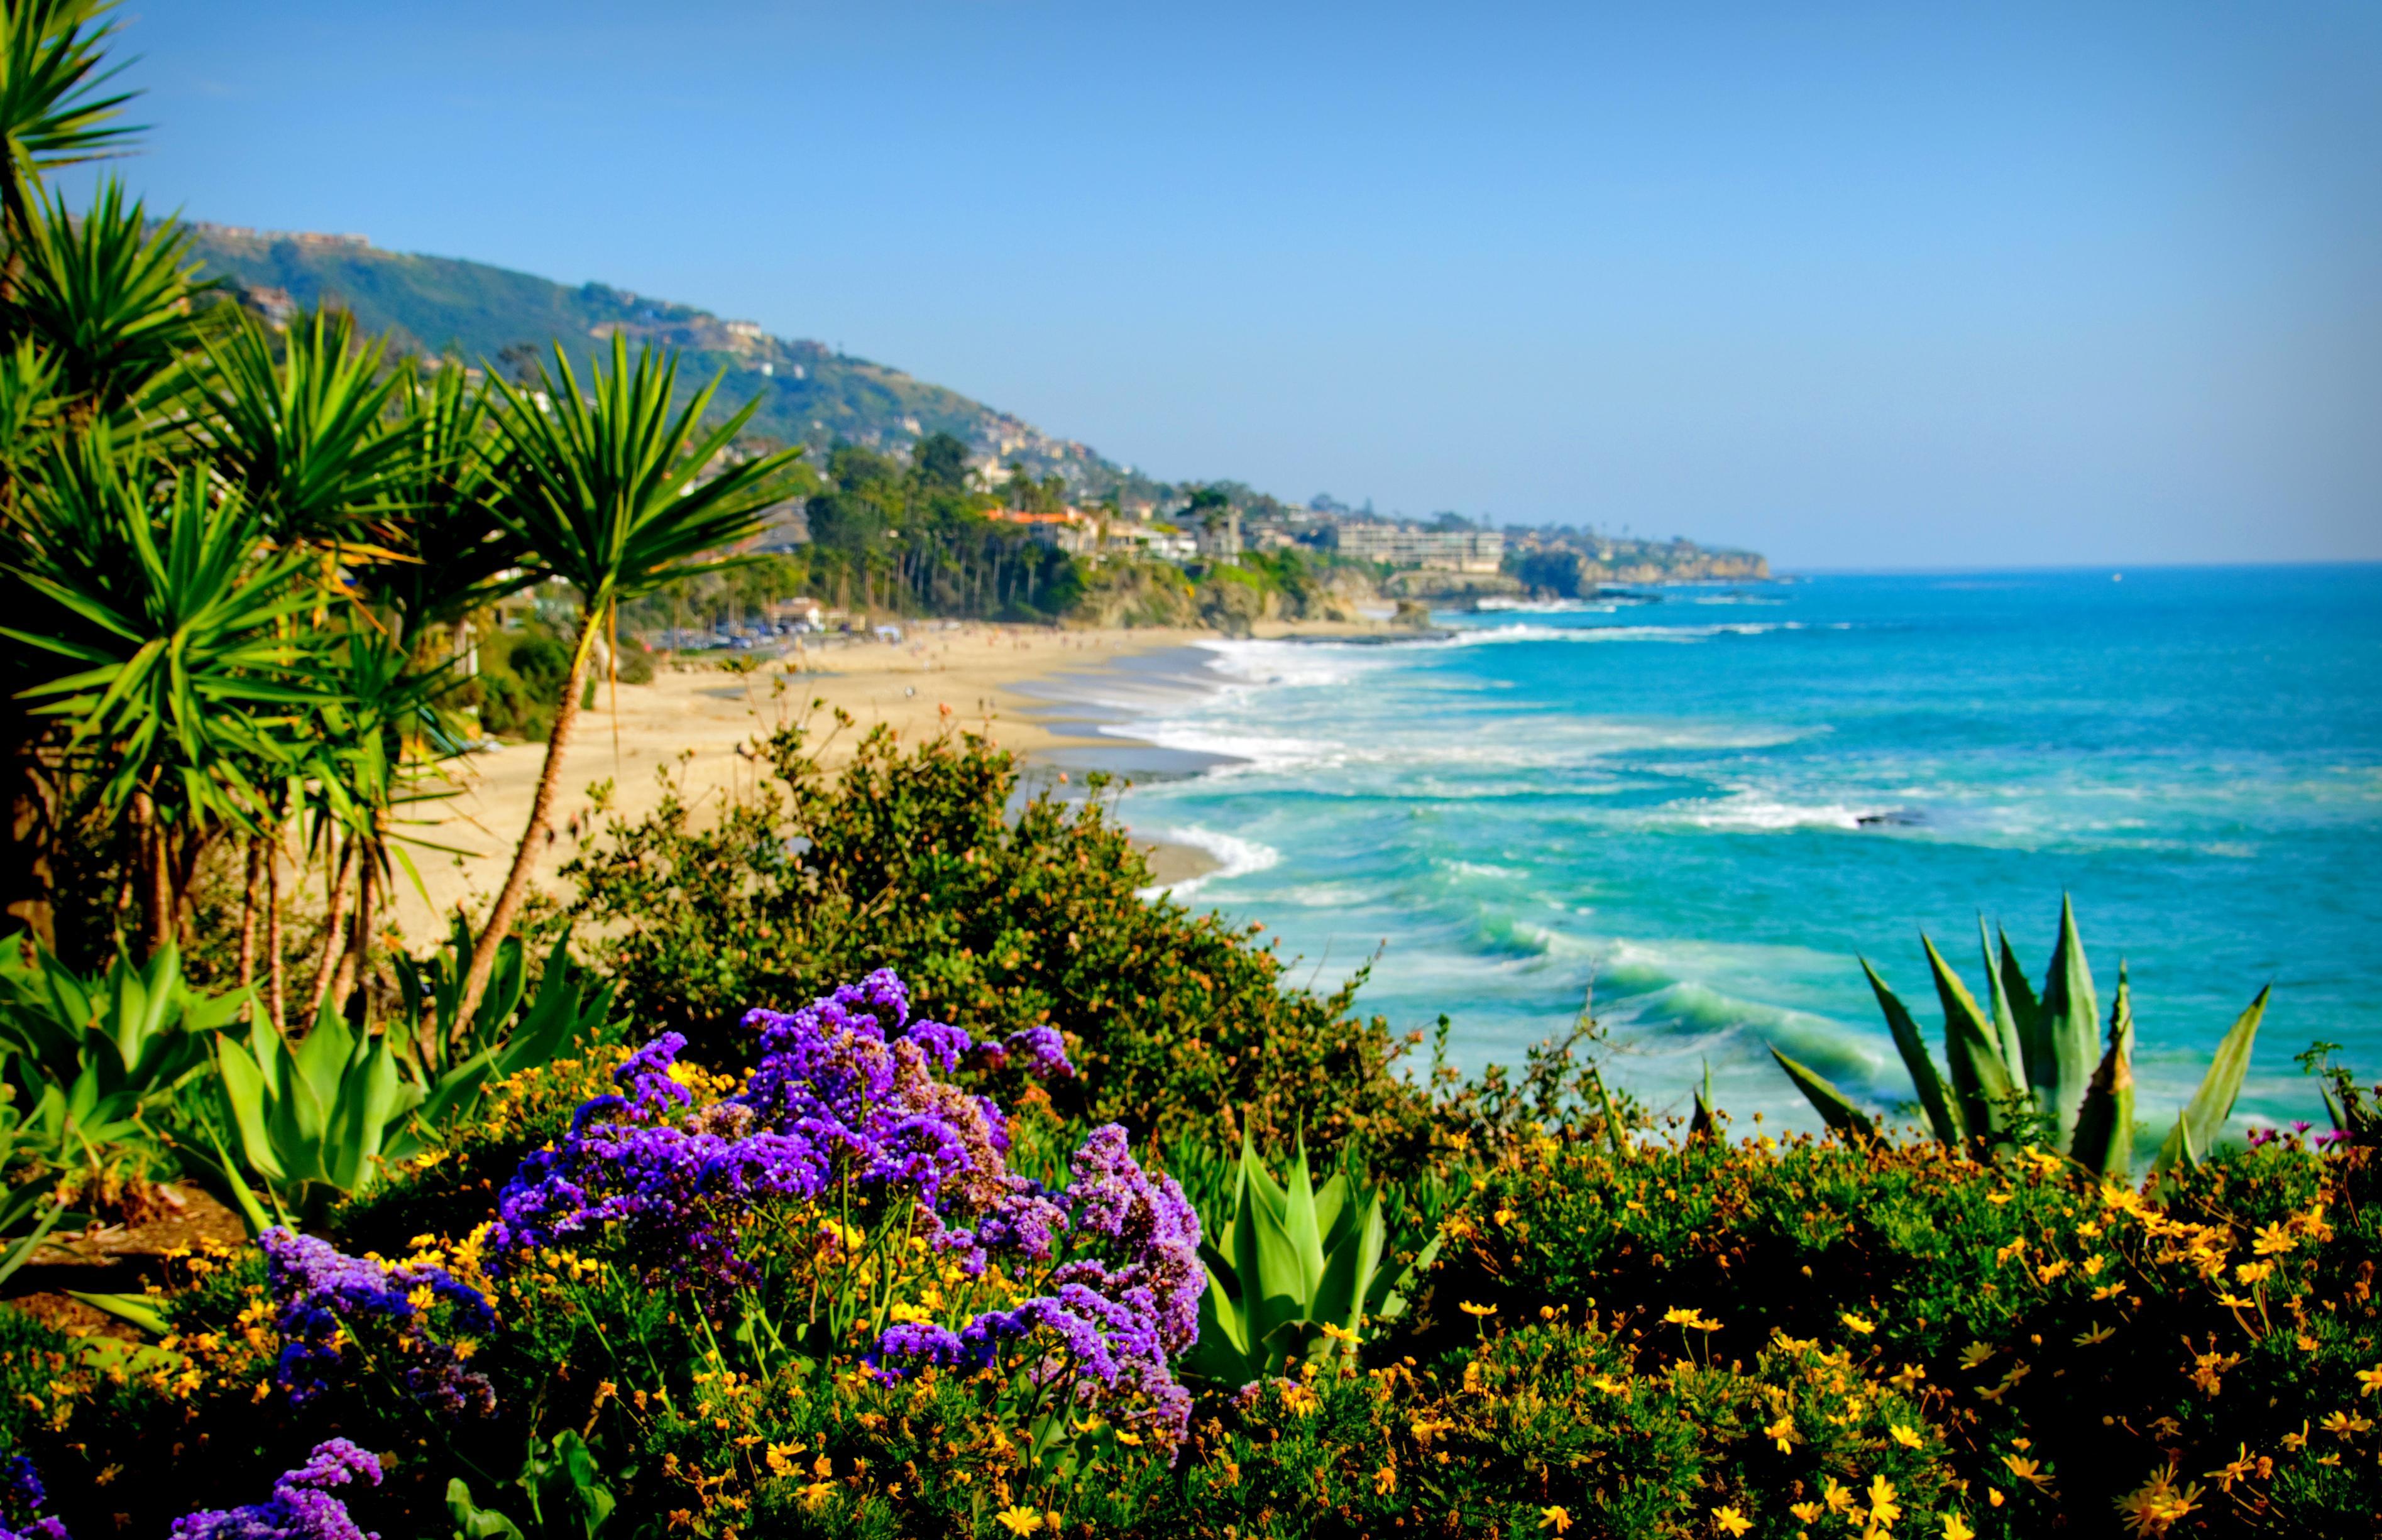 Laguna beach california HQ WALLPAPER   143380 3790x2451